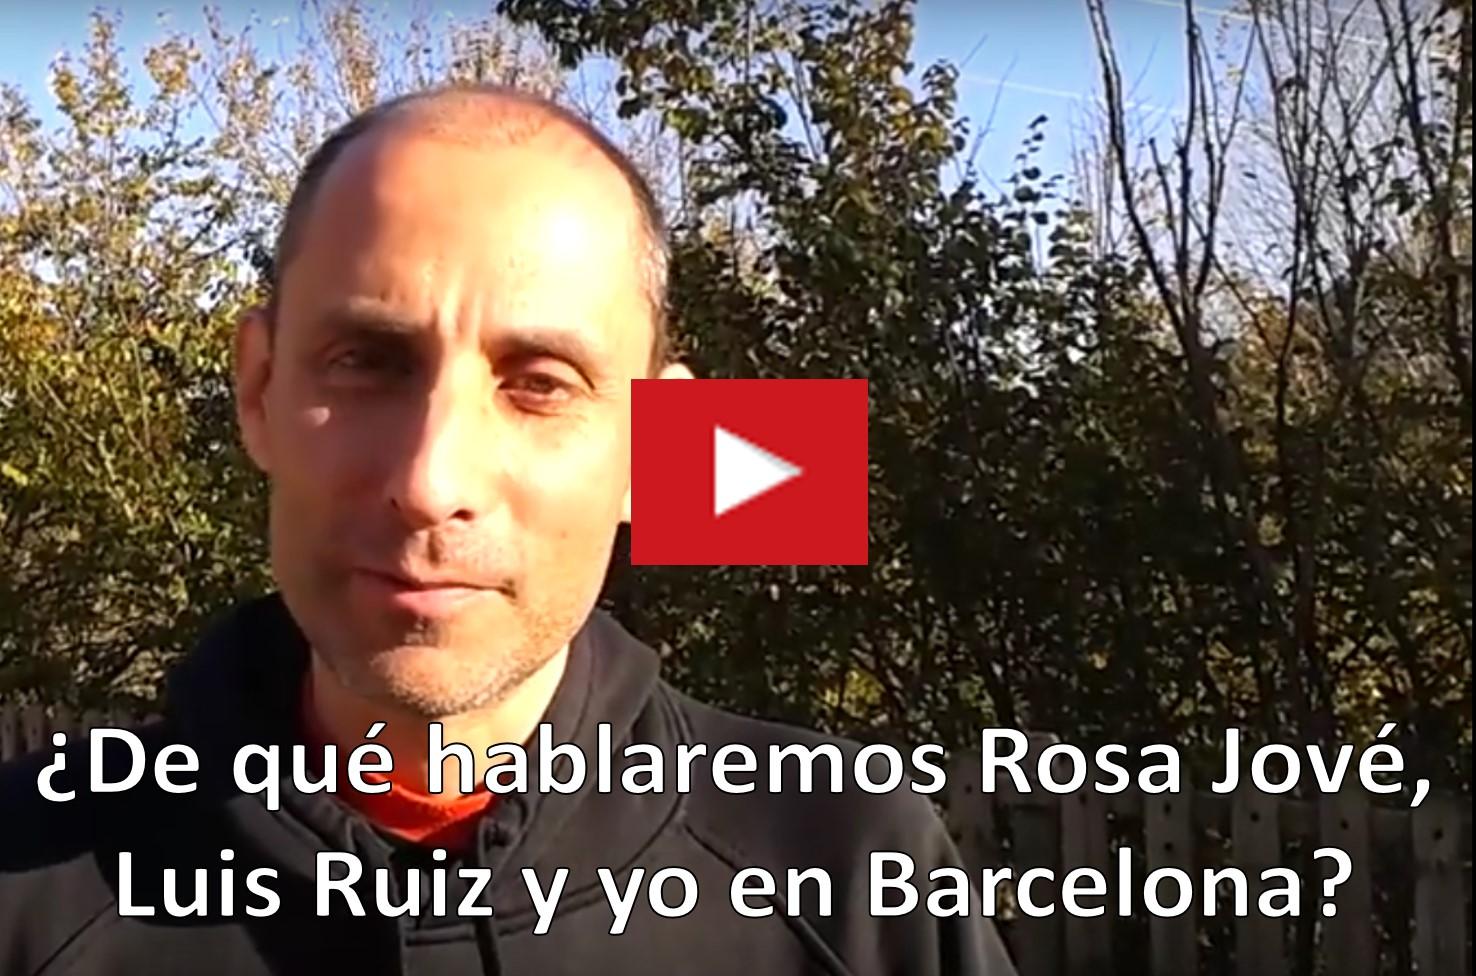 ¿De qué hablaremos Rosa Jové, Luis Ruiz y yo en Barcelona?